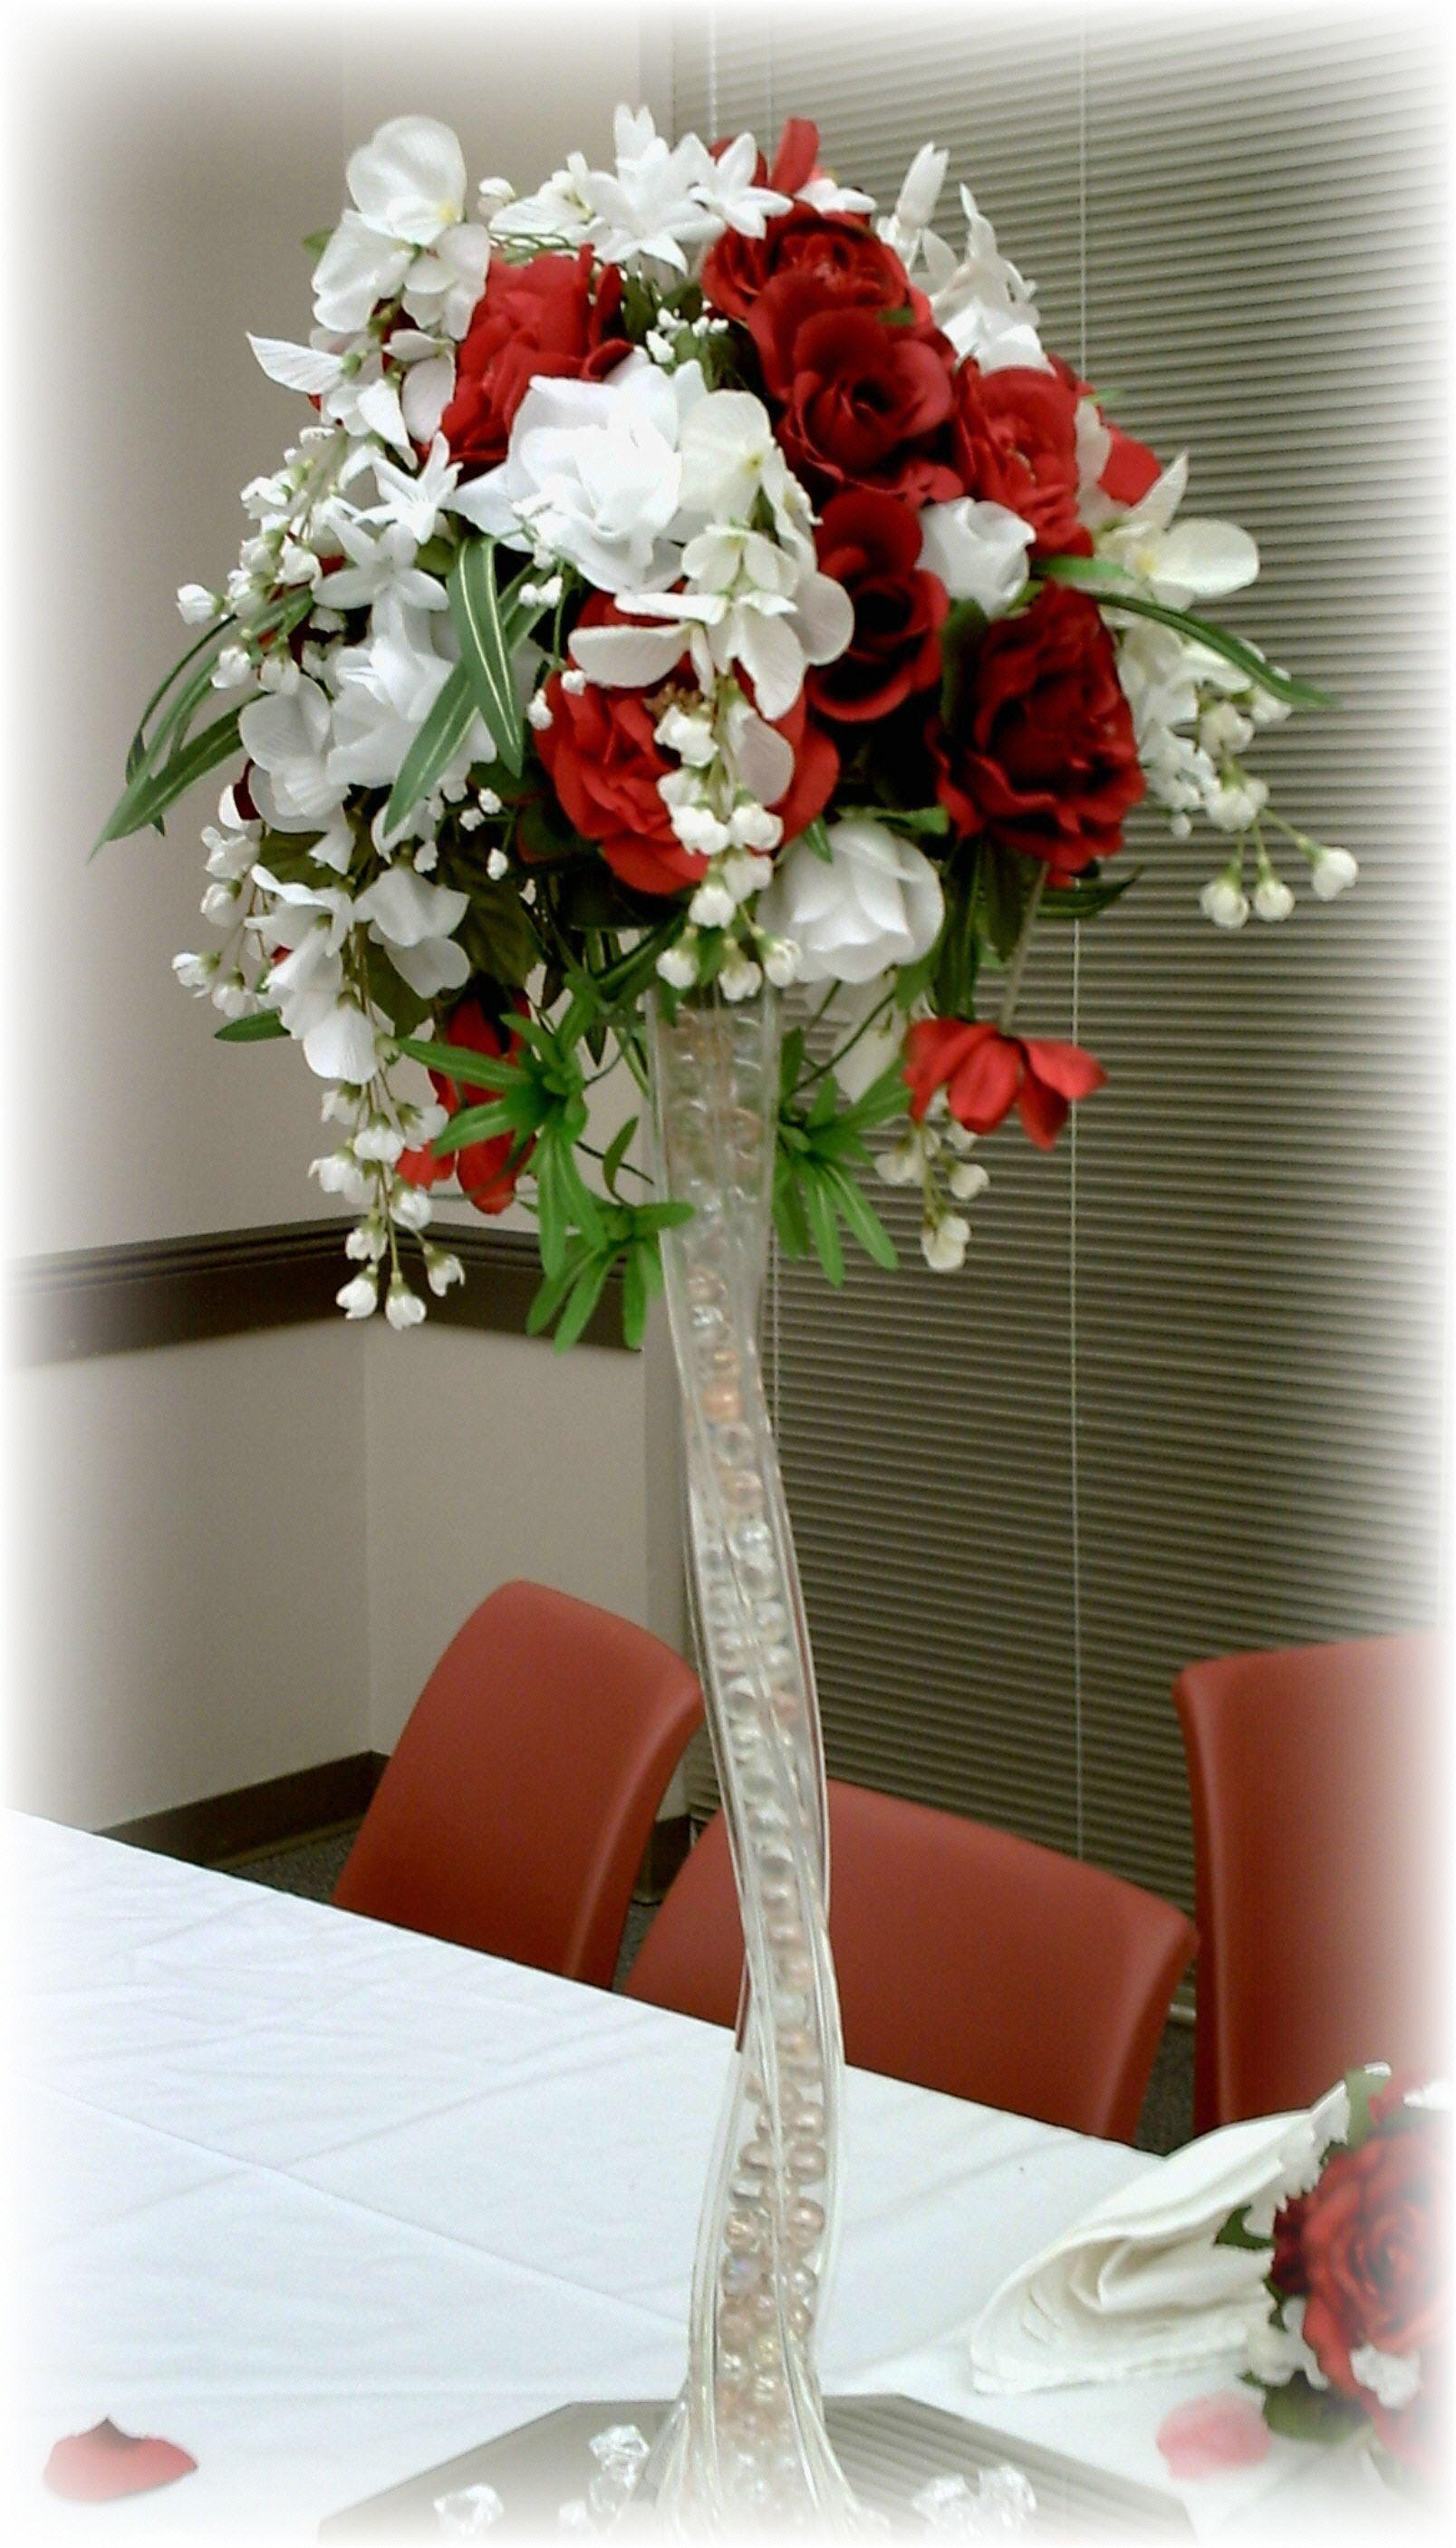 Eiffel Tower Wedding Centerpieces Google Search Wedding Eiffel Tower Vases Tall Vase